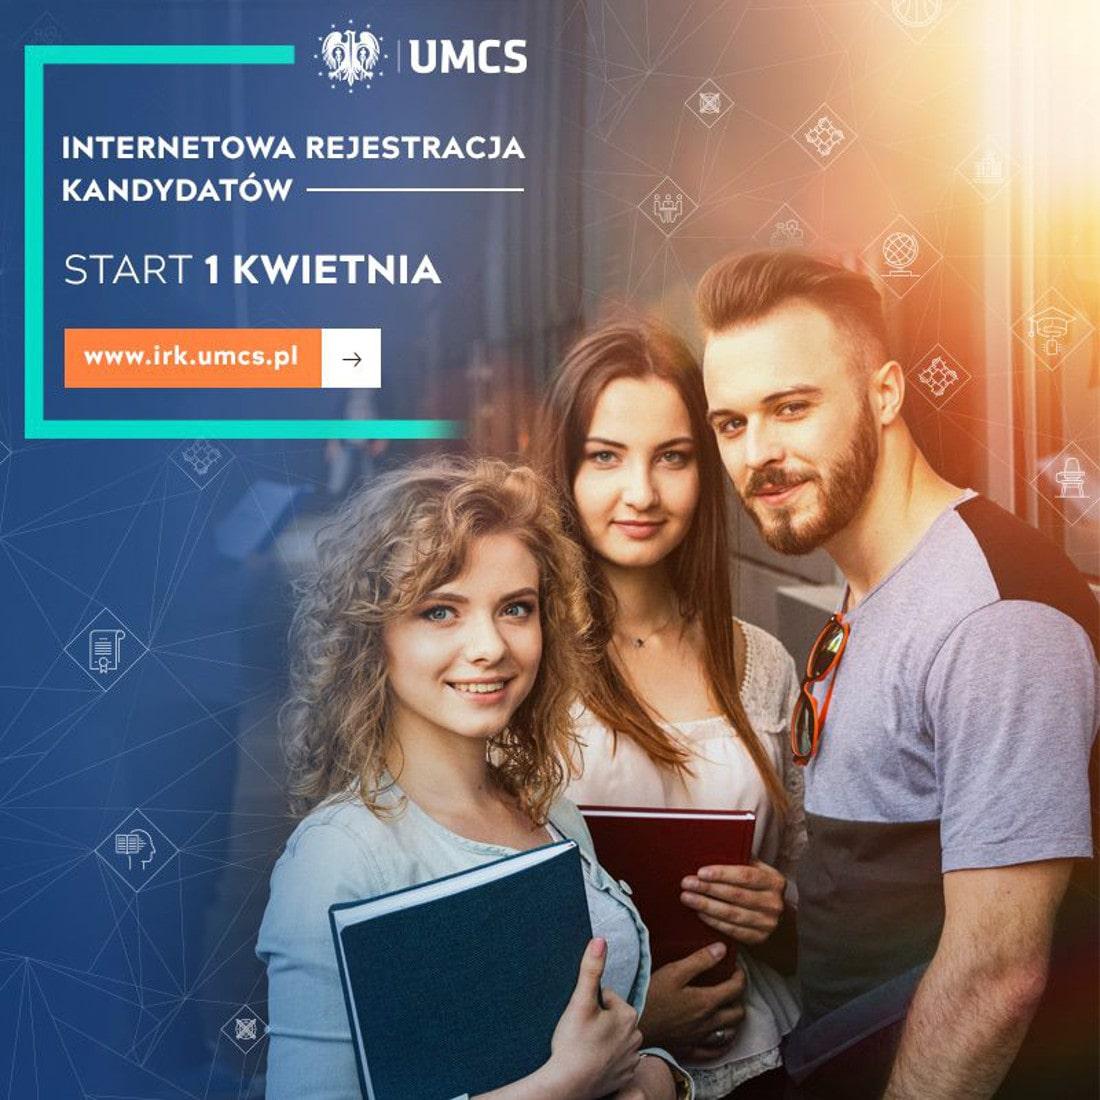 Zobacz, co nowego pojawi się w ofercie UMCS w kolejnym roku akademickim!